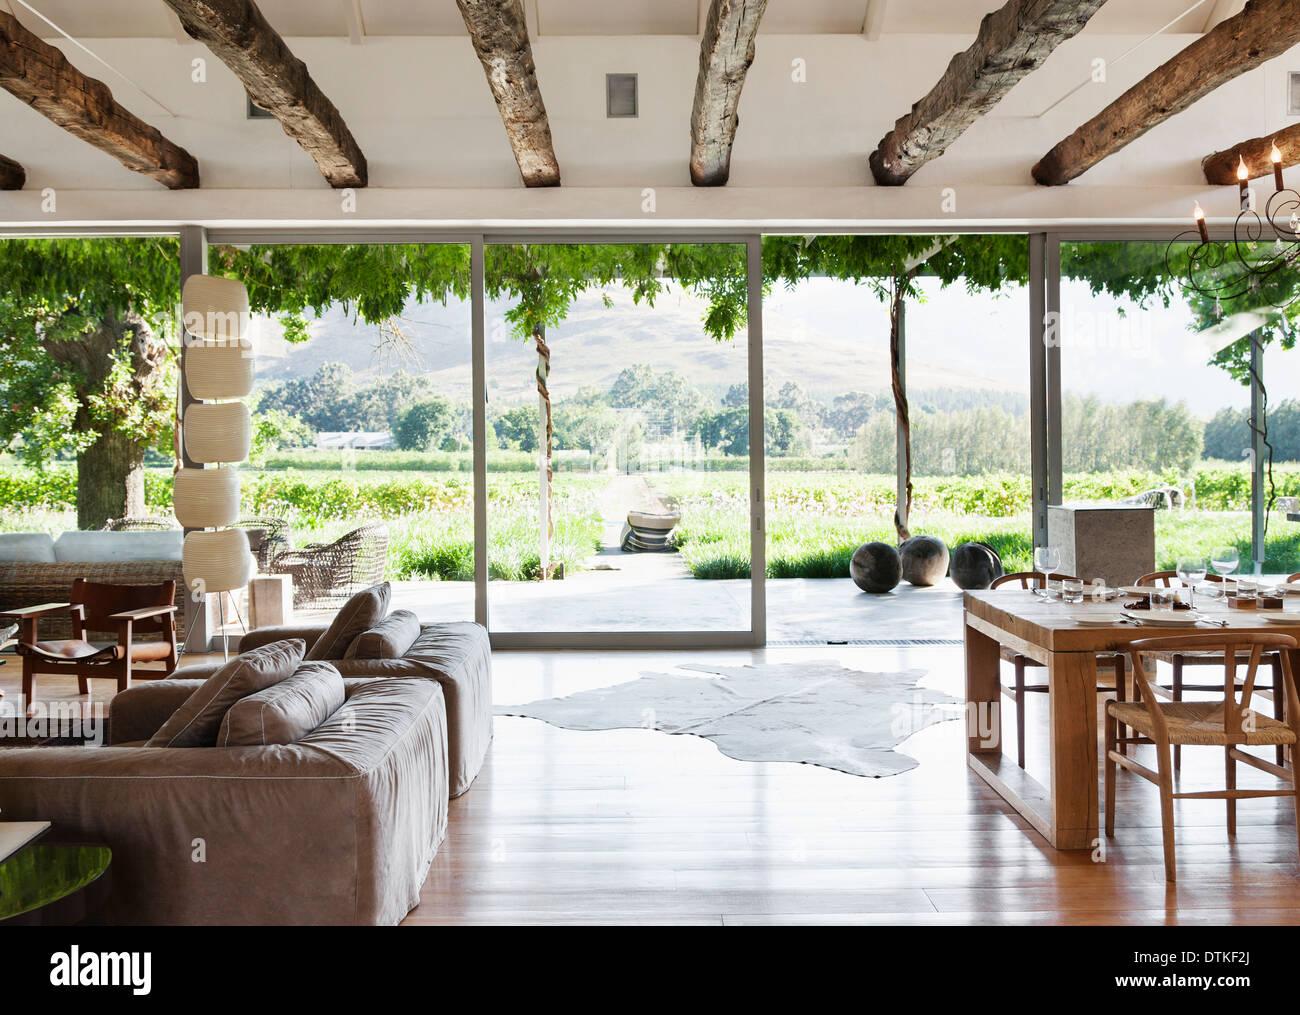 Open floor plan in luxury house overlooking vineyard - Stock Image